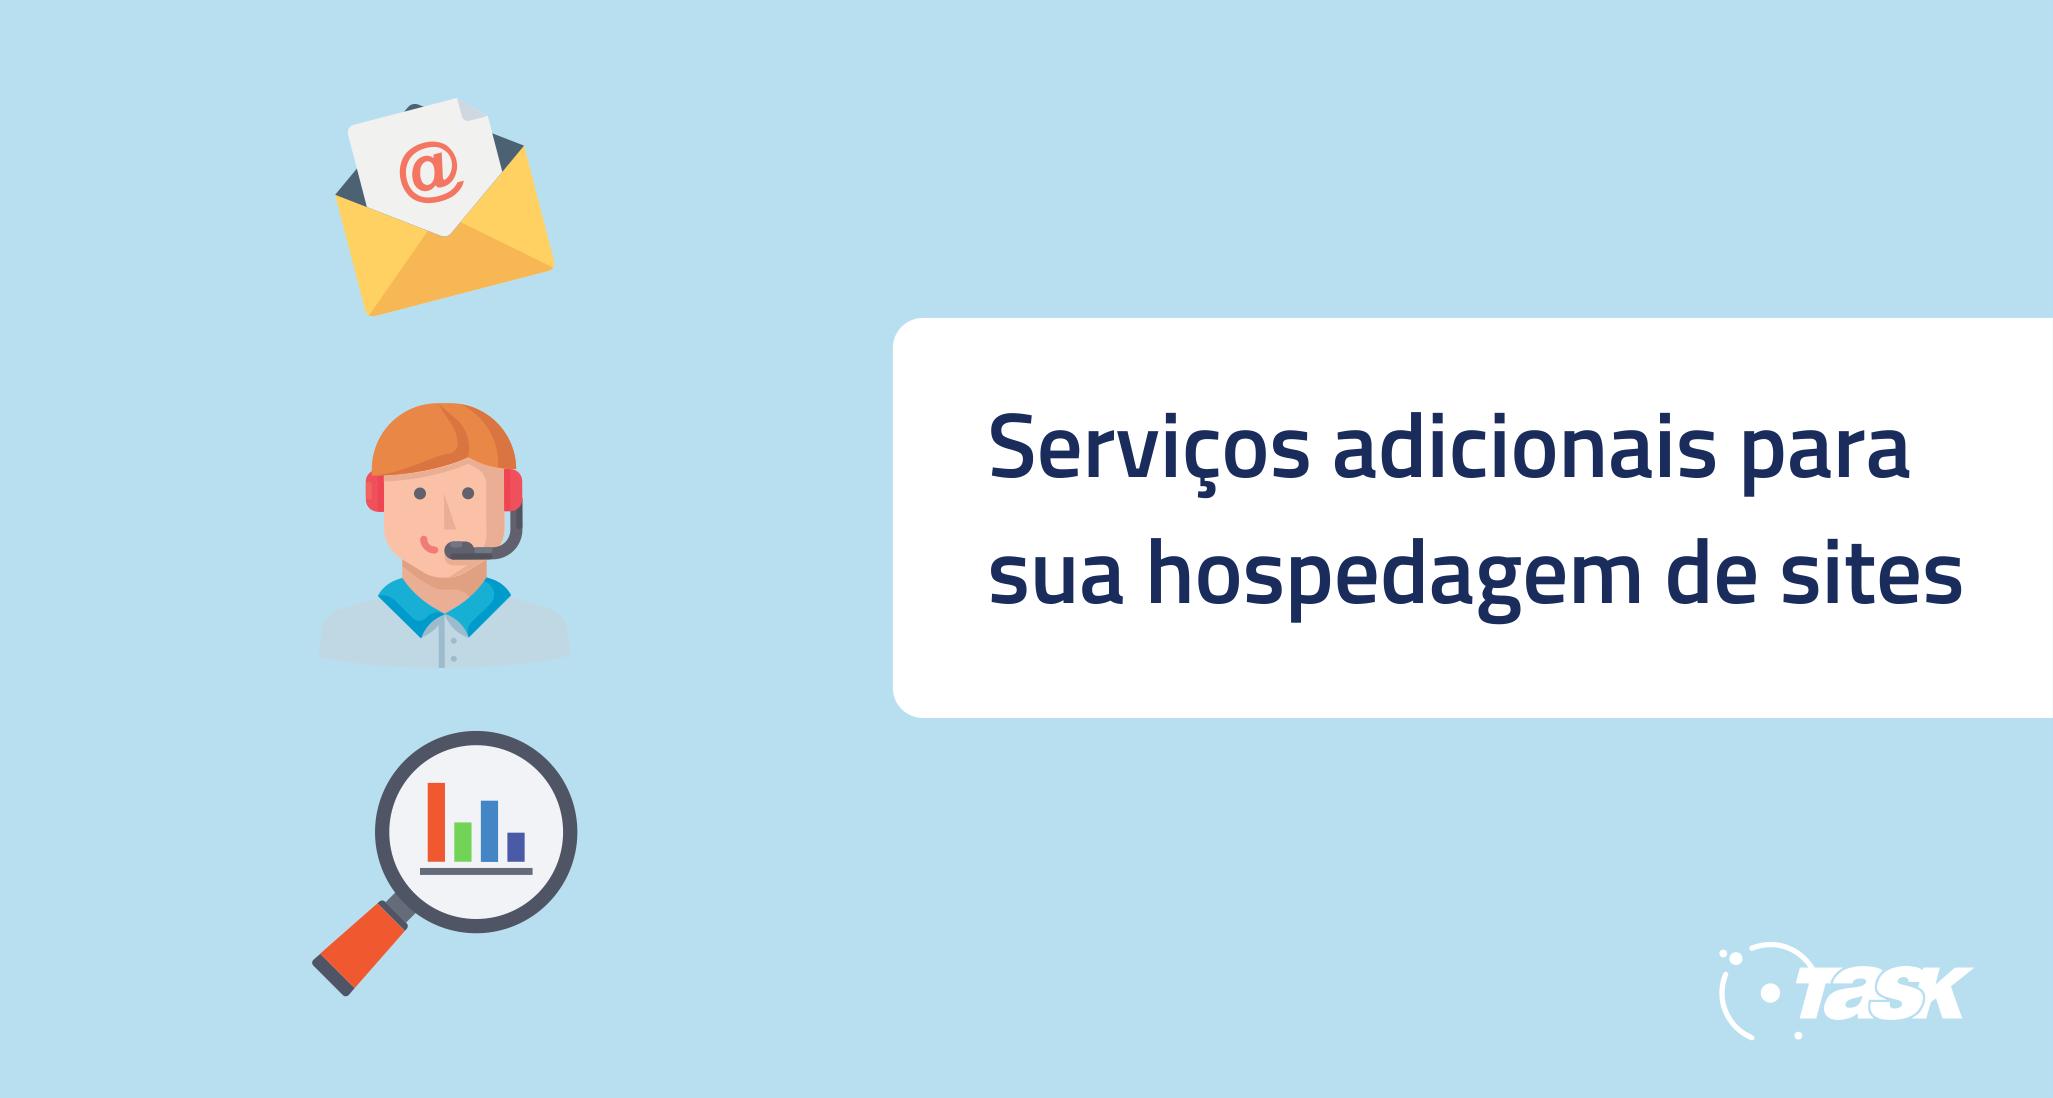 Serviços adicionais para hospedagem de site